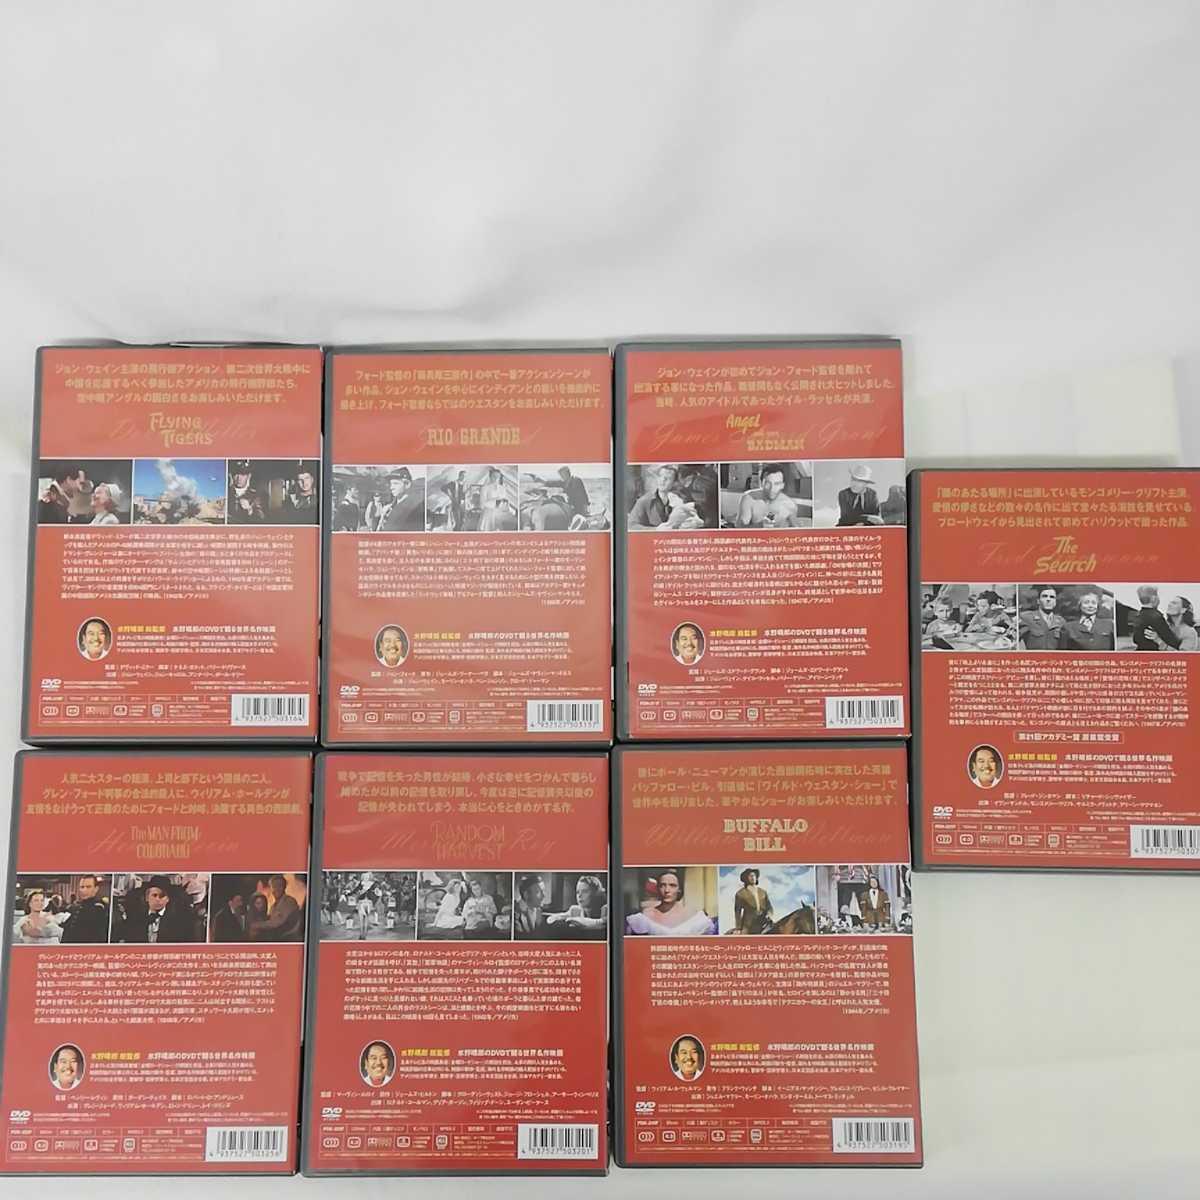 598 世界名作映画 水野晴郎のDVDで観る世界名作映画 など 洋画 15枚セット KEEP_画像3